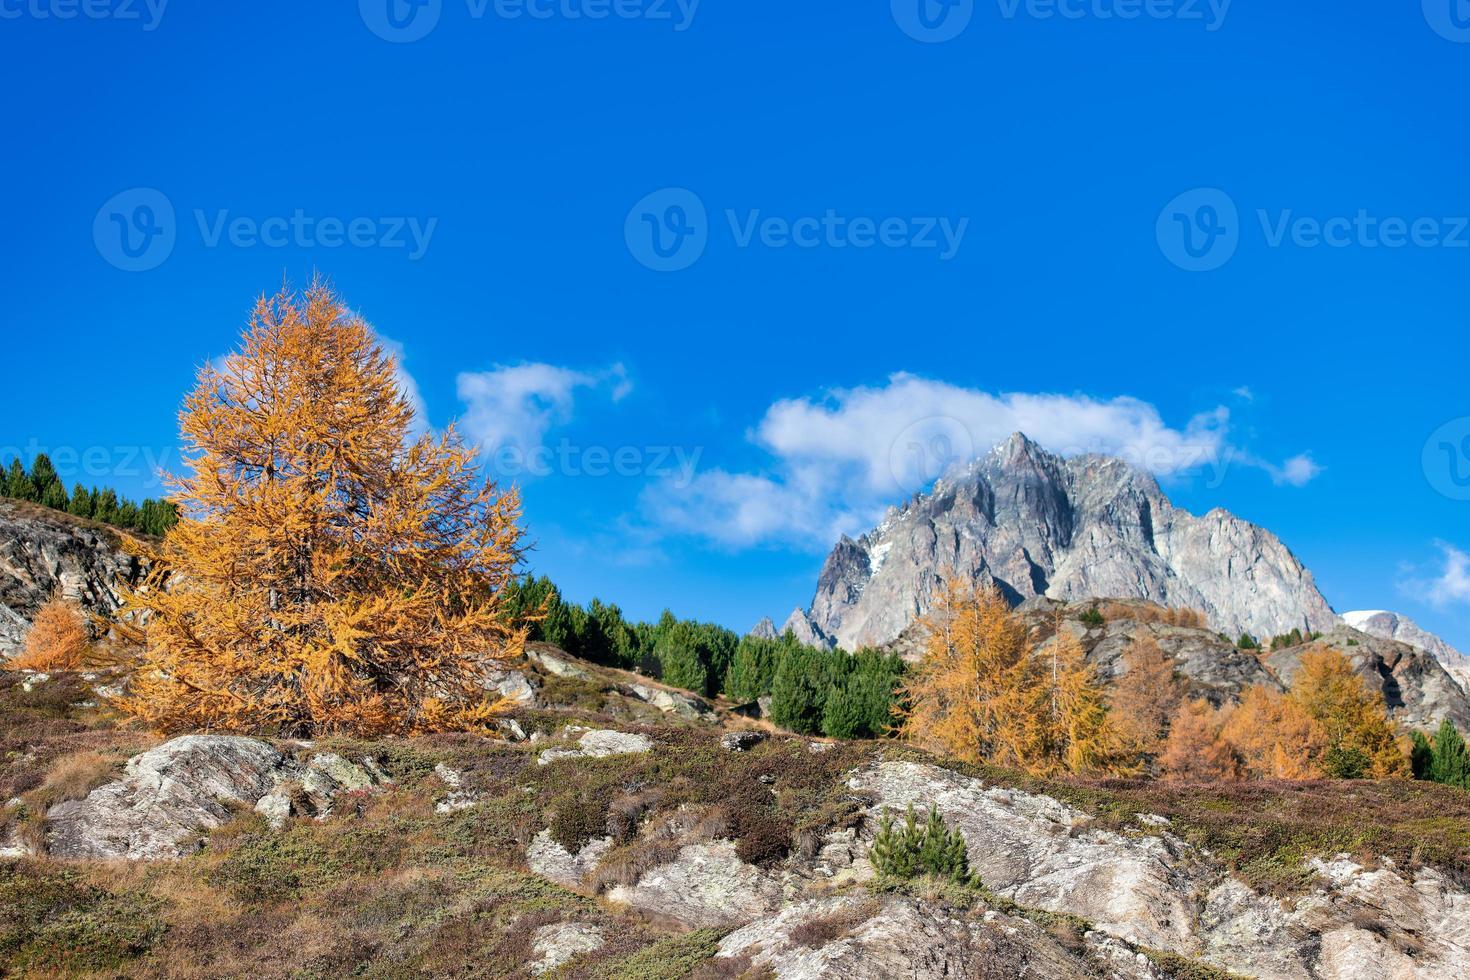 montagna rocciosa nel paesaggio autunnale con un larice color oro foto